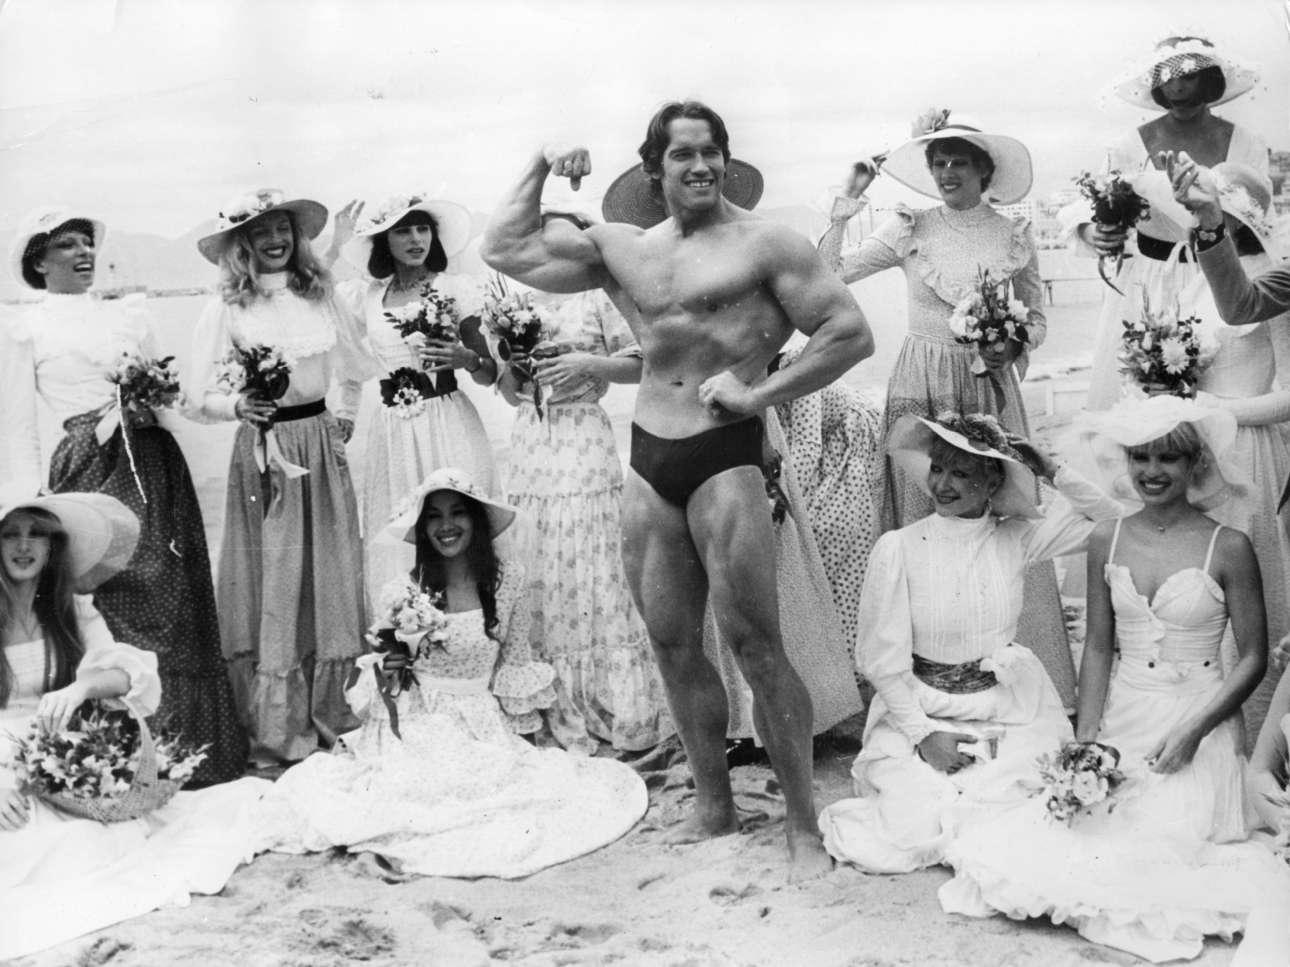 Σαράντα χρόνια πριν. Στις Κάννες, ένας άσημος 29χρονος Αυστριακός, ονόματι Αρνολντ Σβαρτσενέγκερ κάνει την πρώτη του εμφάνιση ως μπόντι μπίλντερ στην Κρουαζέτ. Η αρχή του φαινομένου